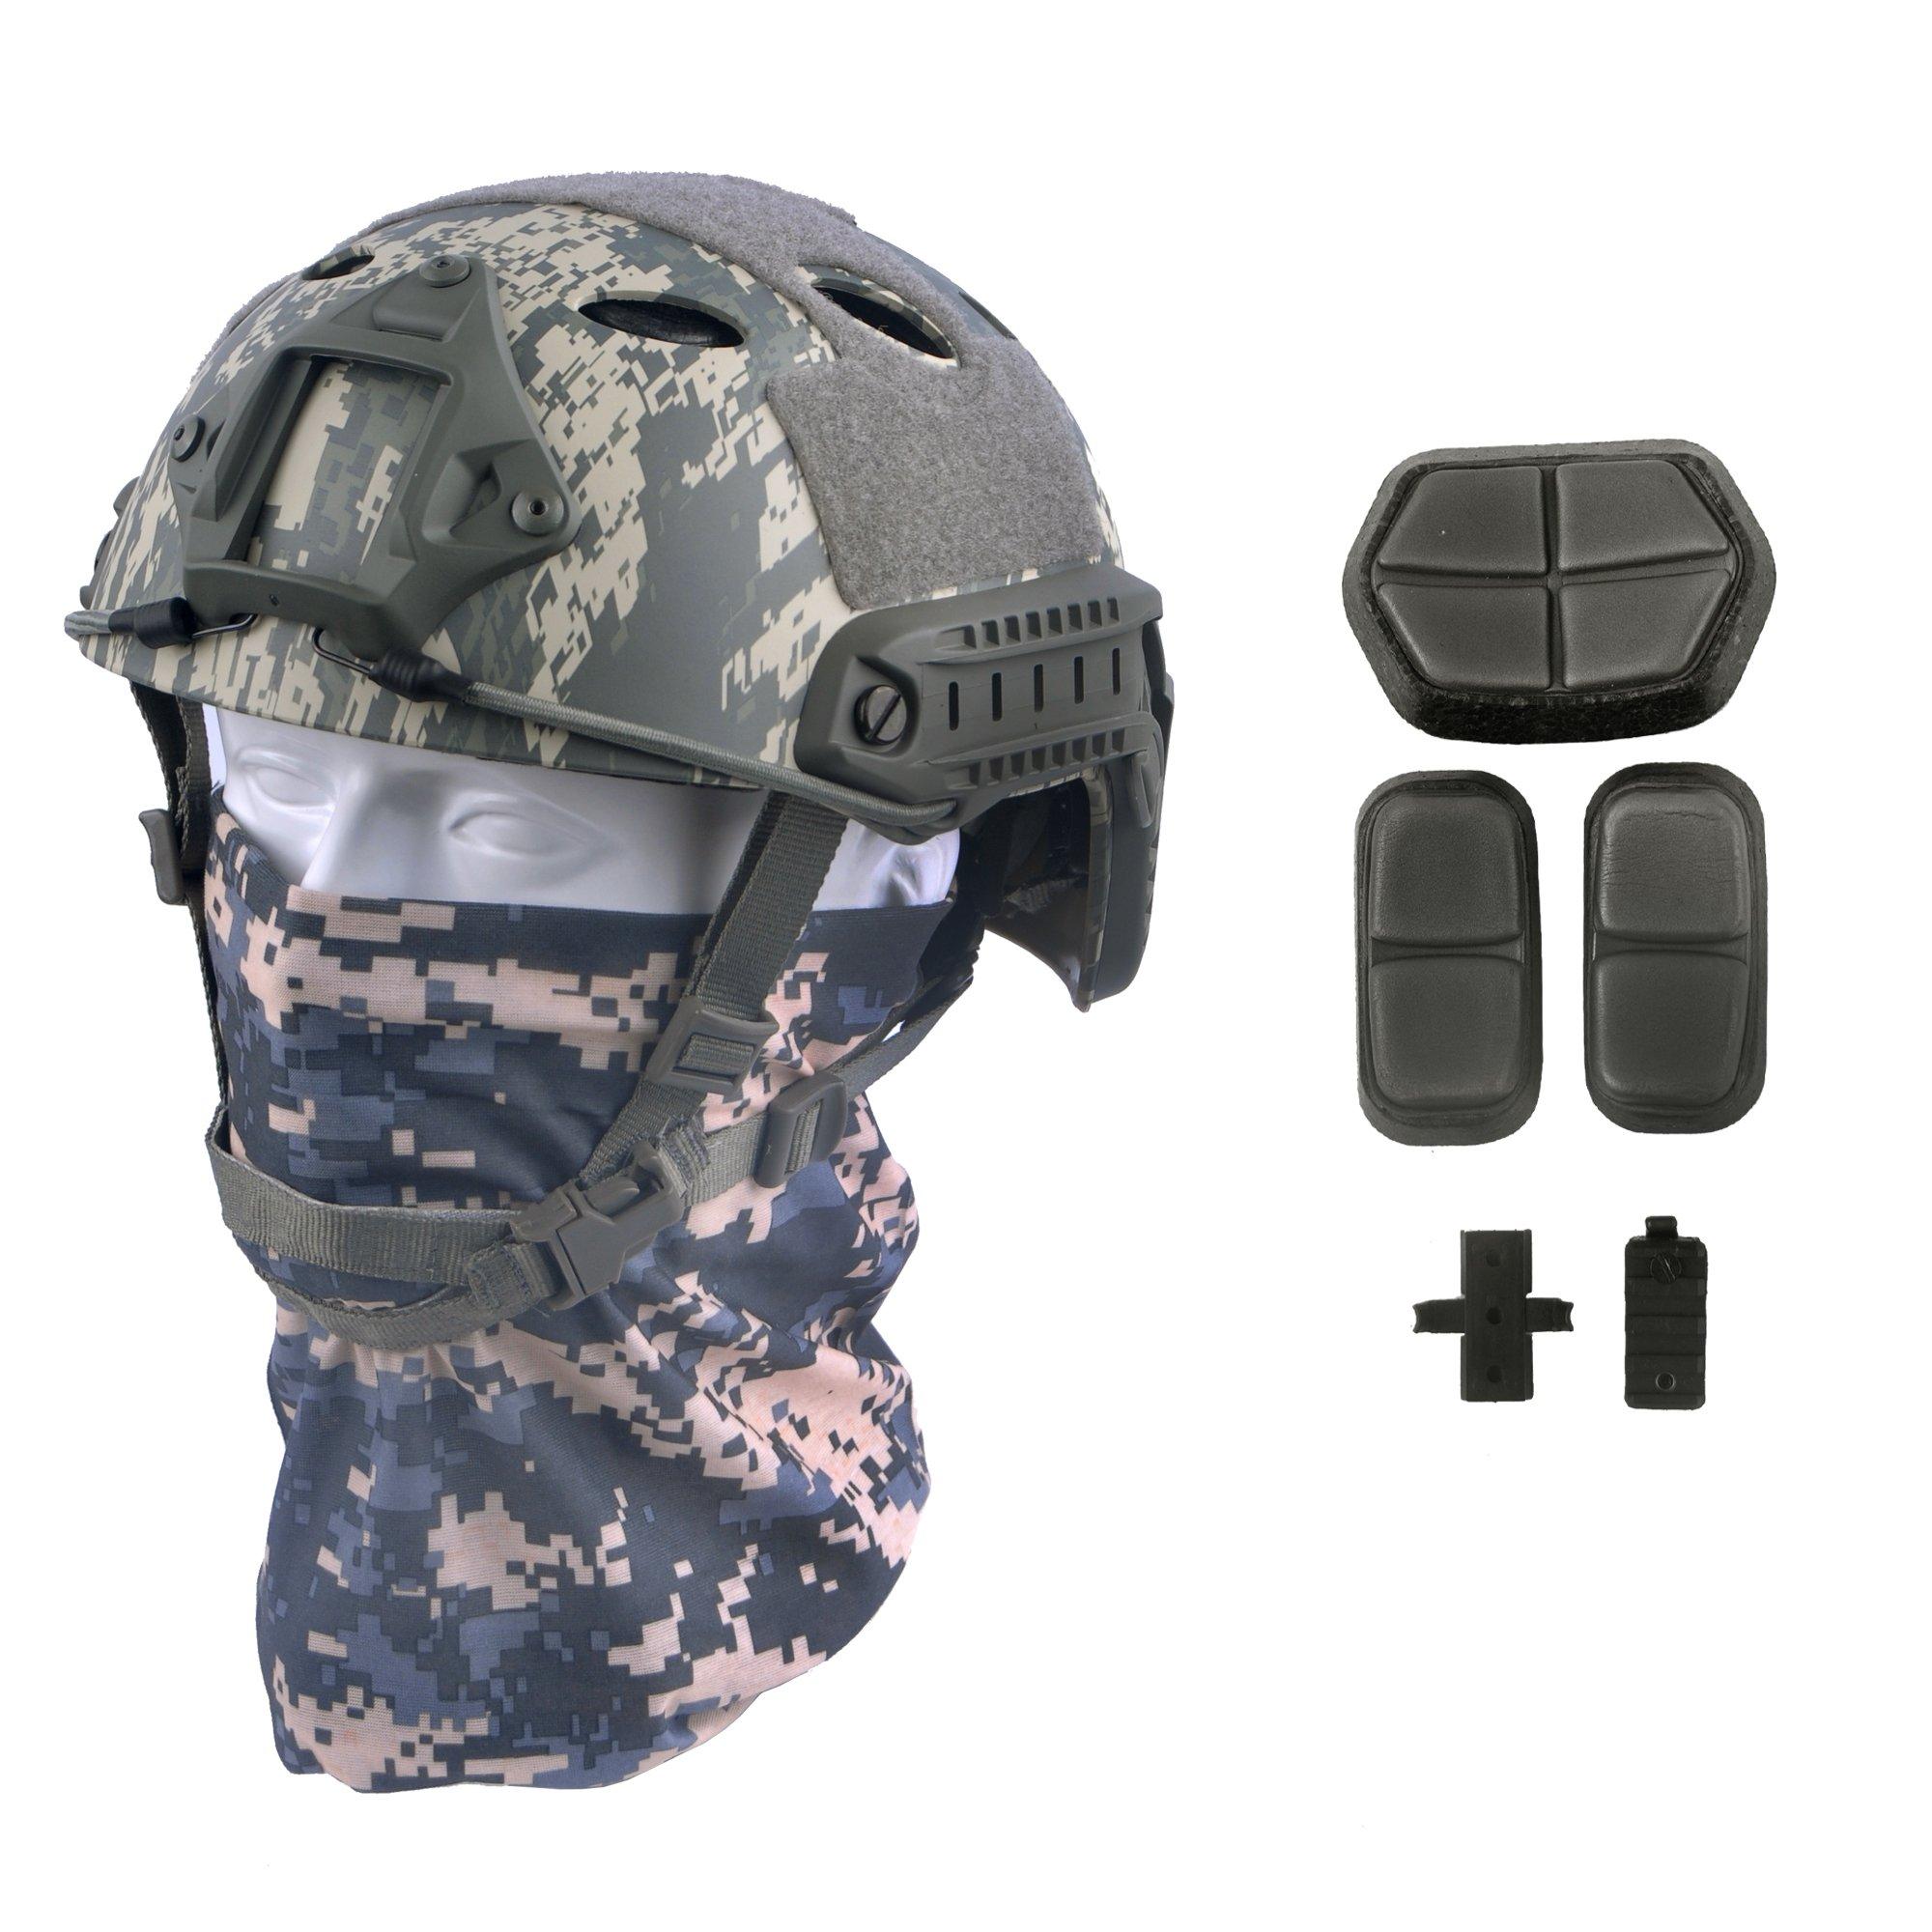 LOOGU Fast PJ Base Jump Military Helmet with 12-in-1 Headwear(ACU) by LOOGU